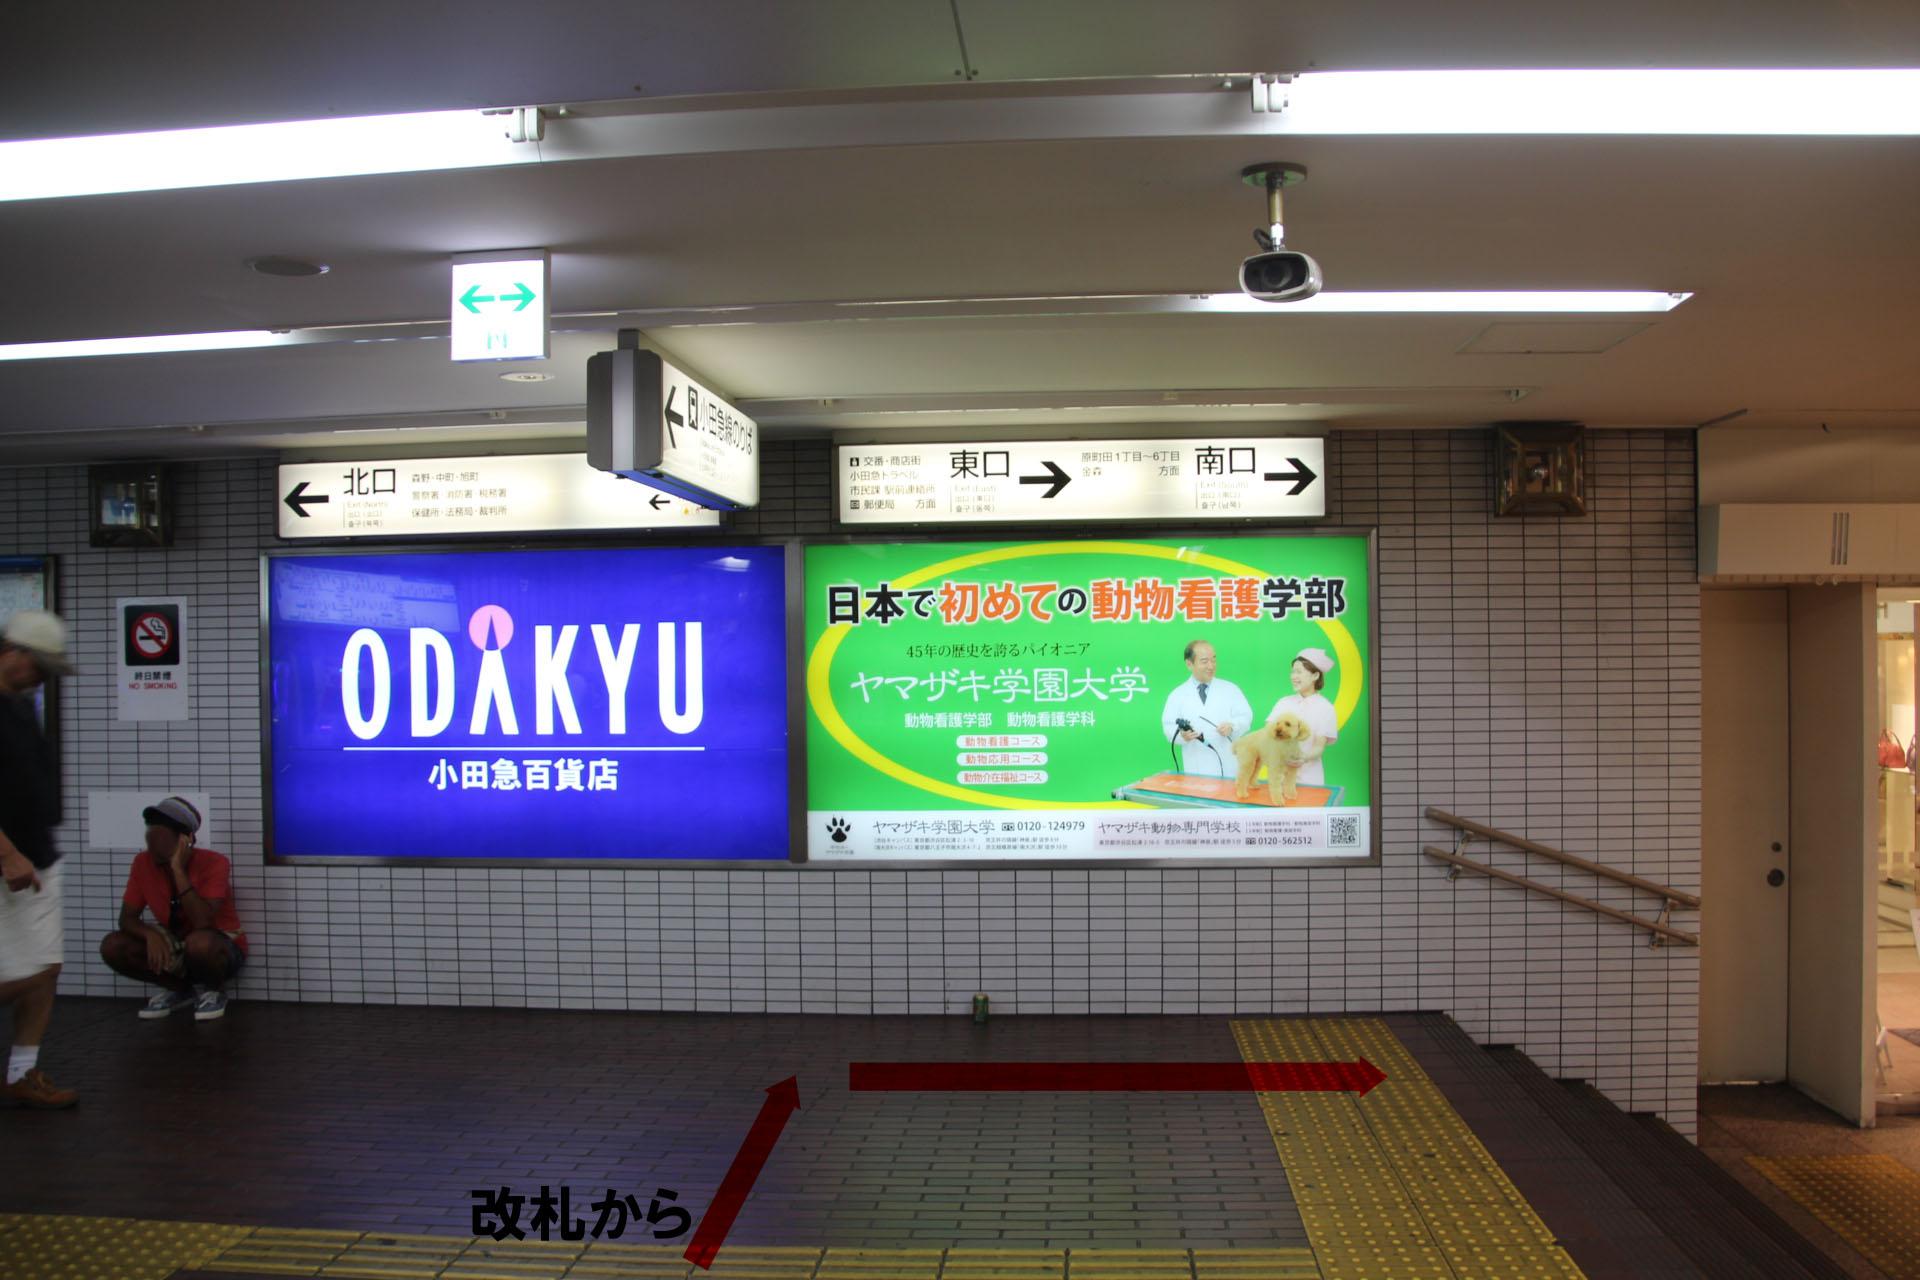 『コワーキングスペース 町田』への道 - 小田急町田駅東口編 -